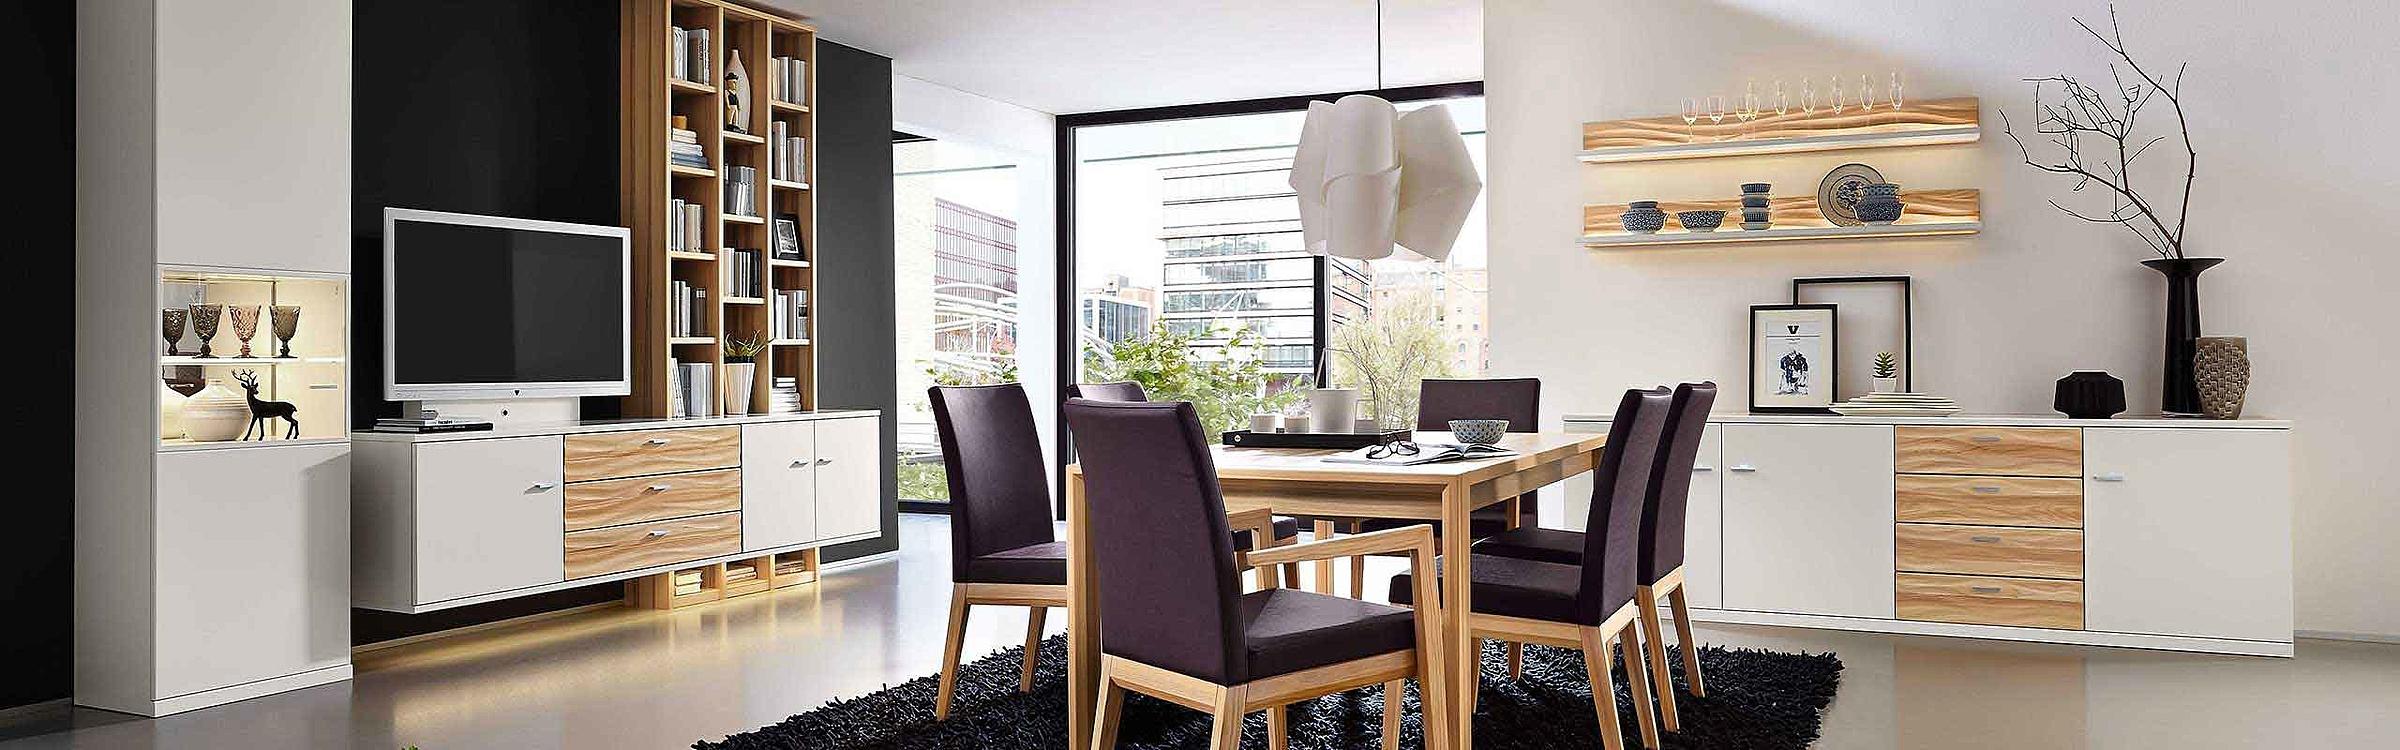 Wohnwand Regal Esstisch Stuhl Polster Leder Sideboard Esszimmer Manhattan